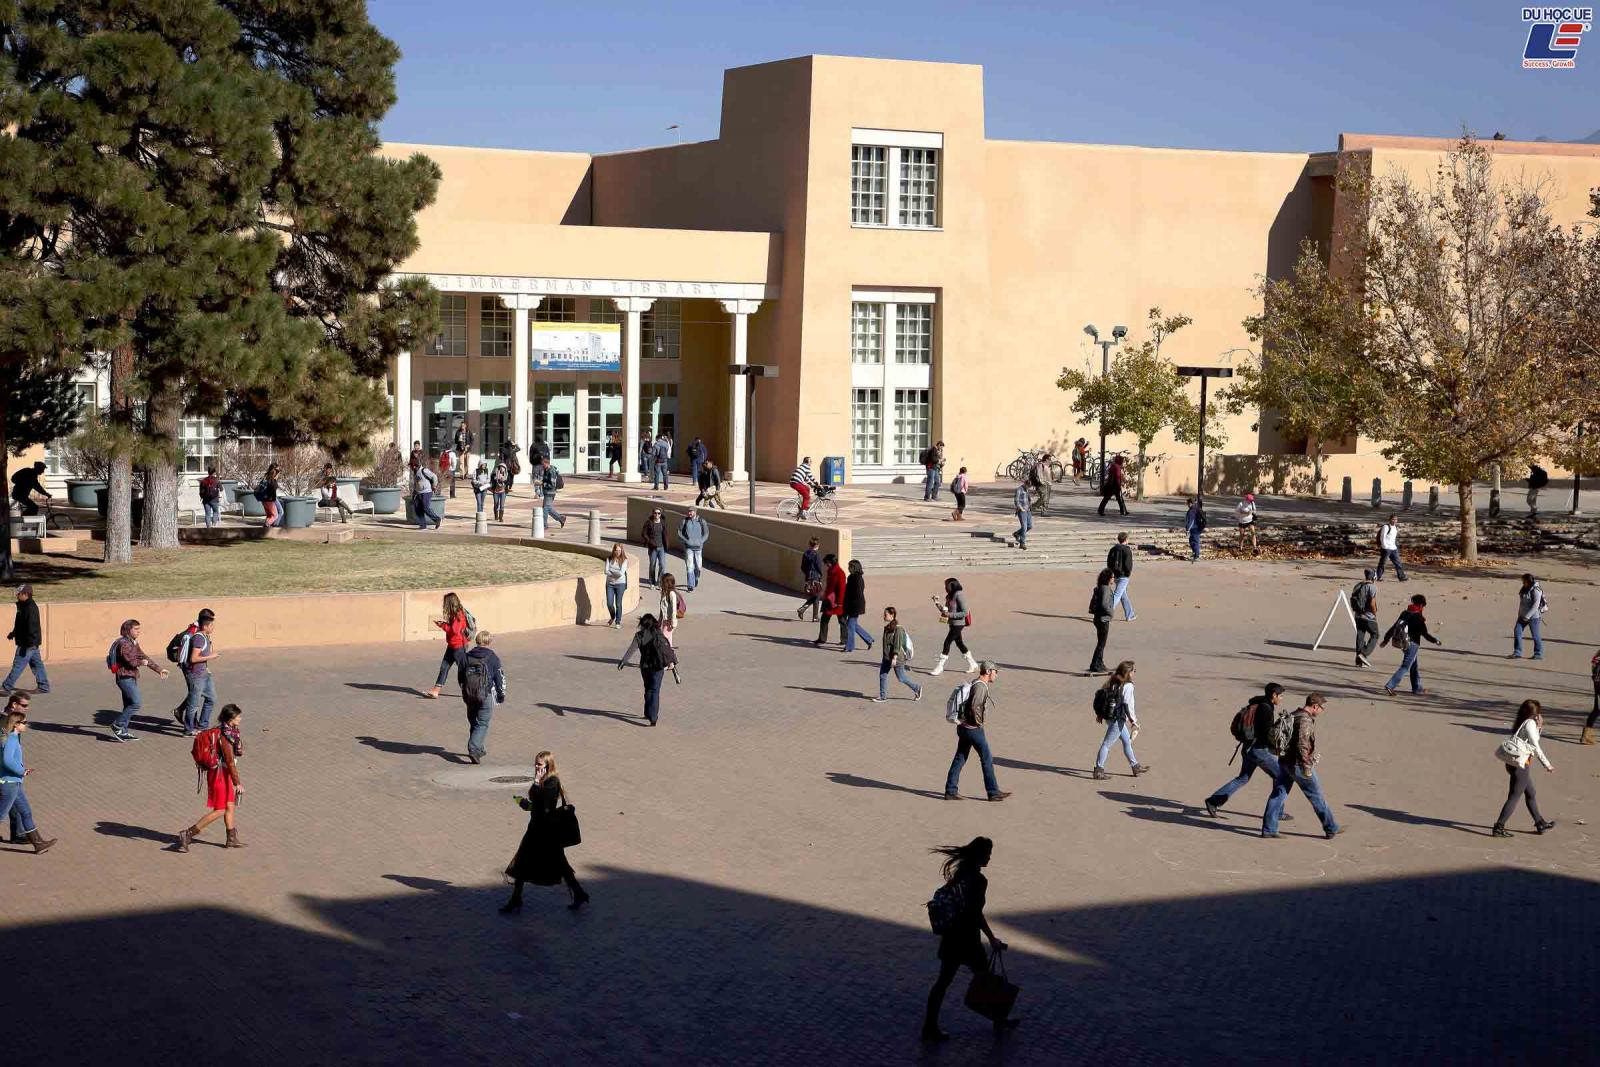 Nhanh tay săn học bổng giá trị 15.000 đô-la tại University Of New Mexico 3